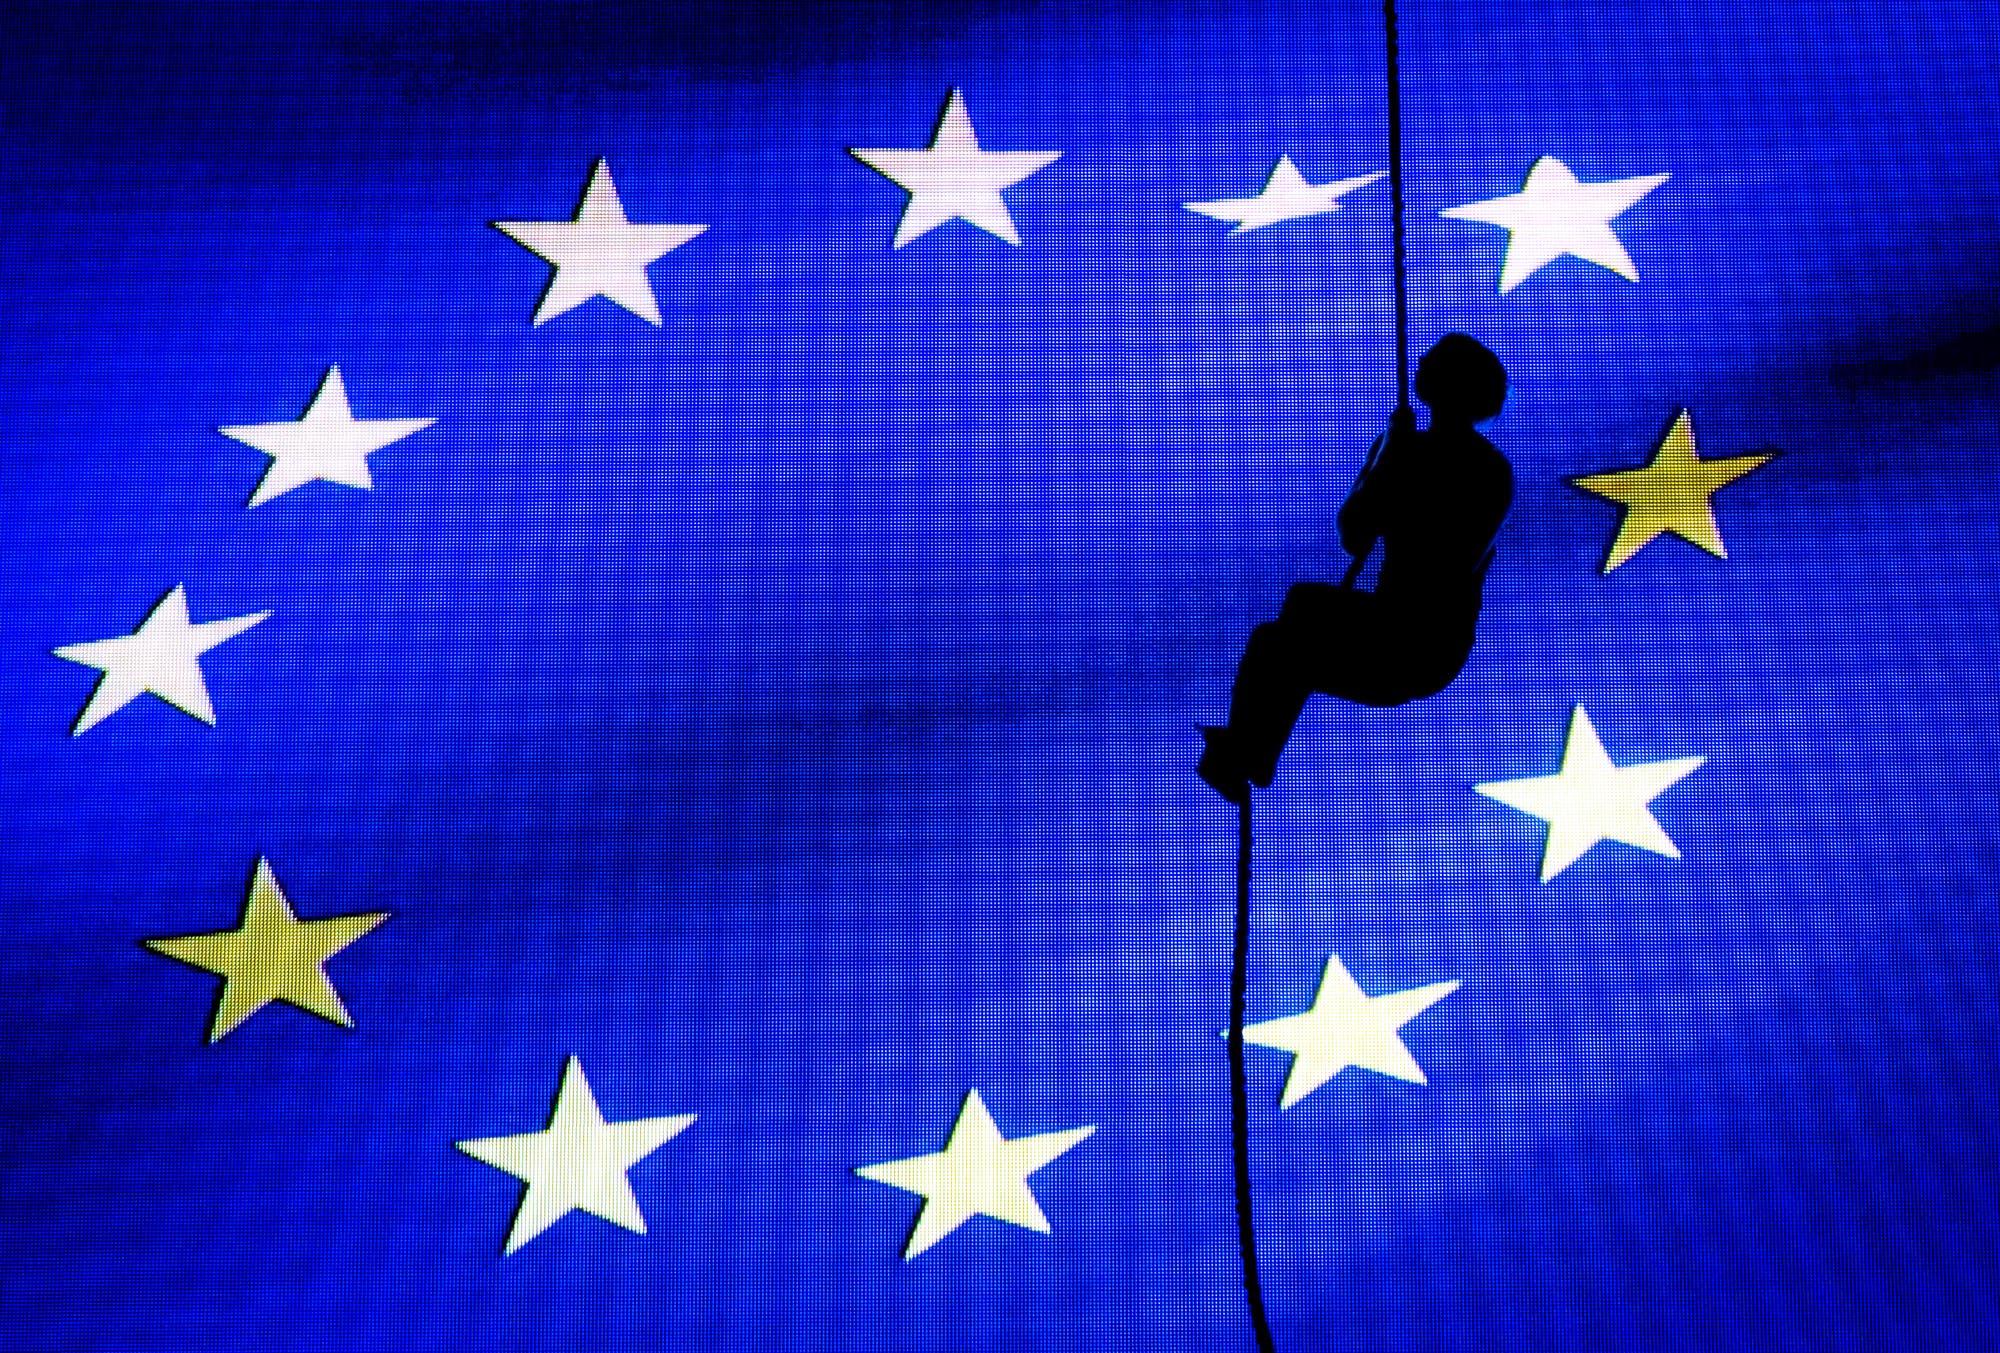 Euro Acrobat